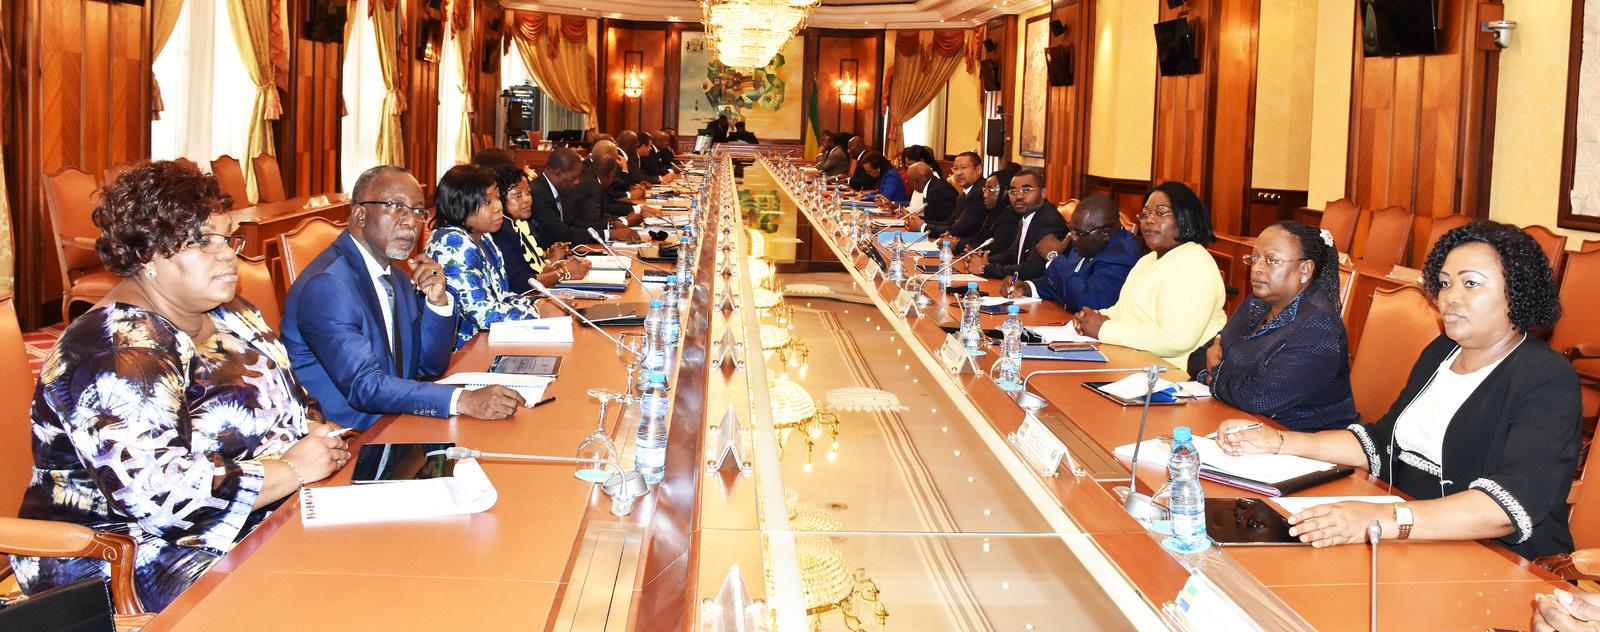 Communiqué final du conseil des ministres du 23 février 2018 + nominations